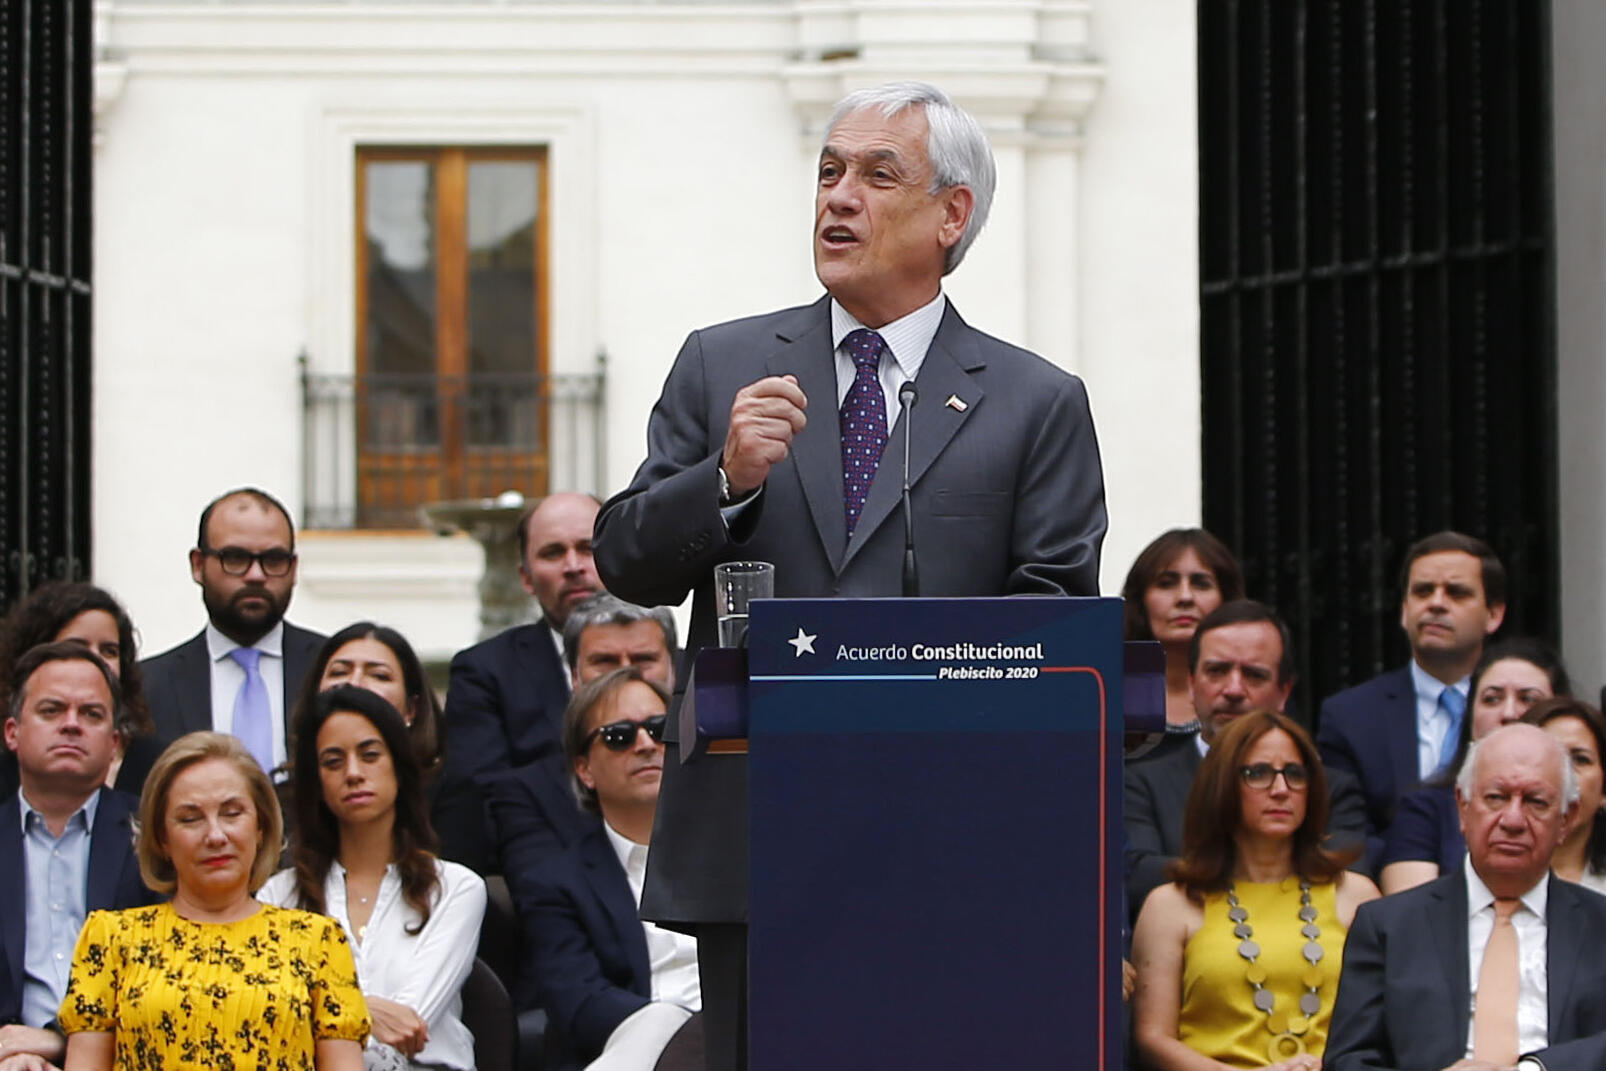 Le 26 avril prochain, 14 millions de Chiliens seront appelés à se prononcer sur le changement de la Constitution, alors que le dernier référendum dans le pays sur des changements constitutionnels remonte à 1989.